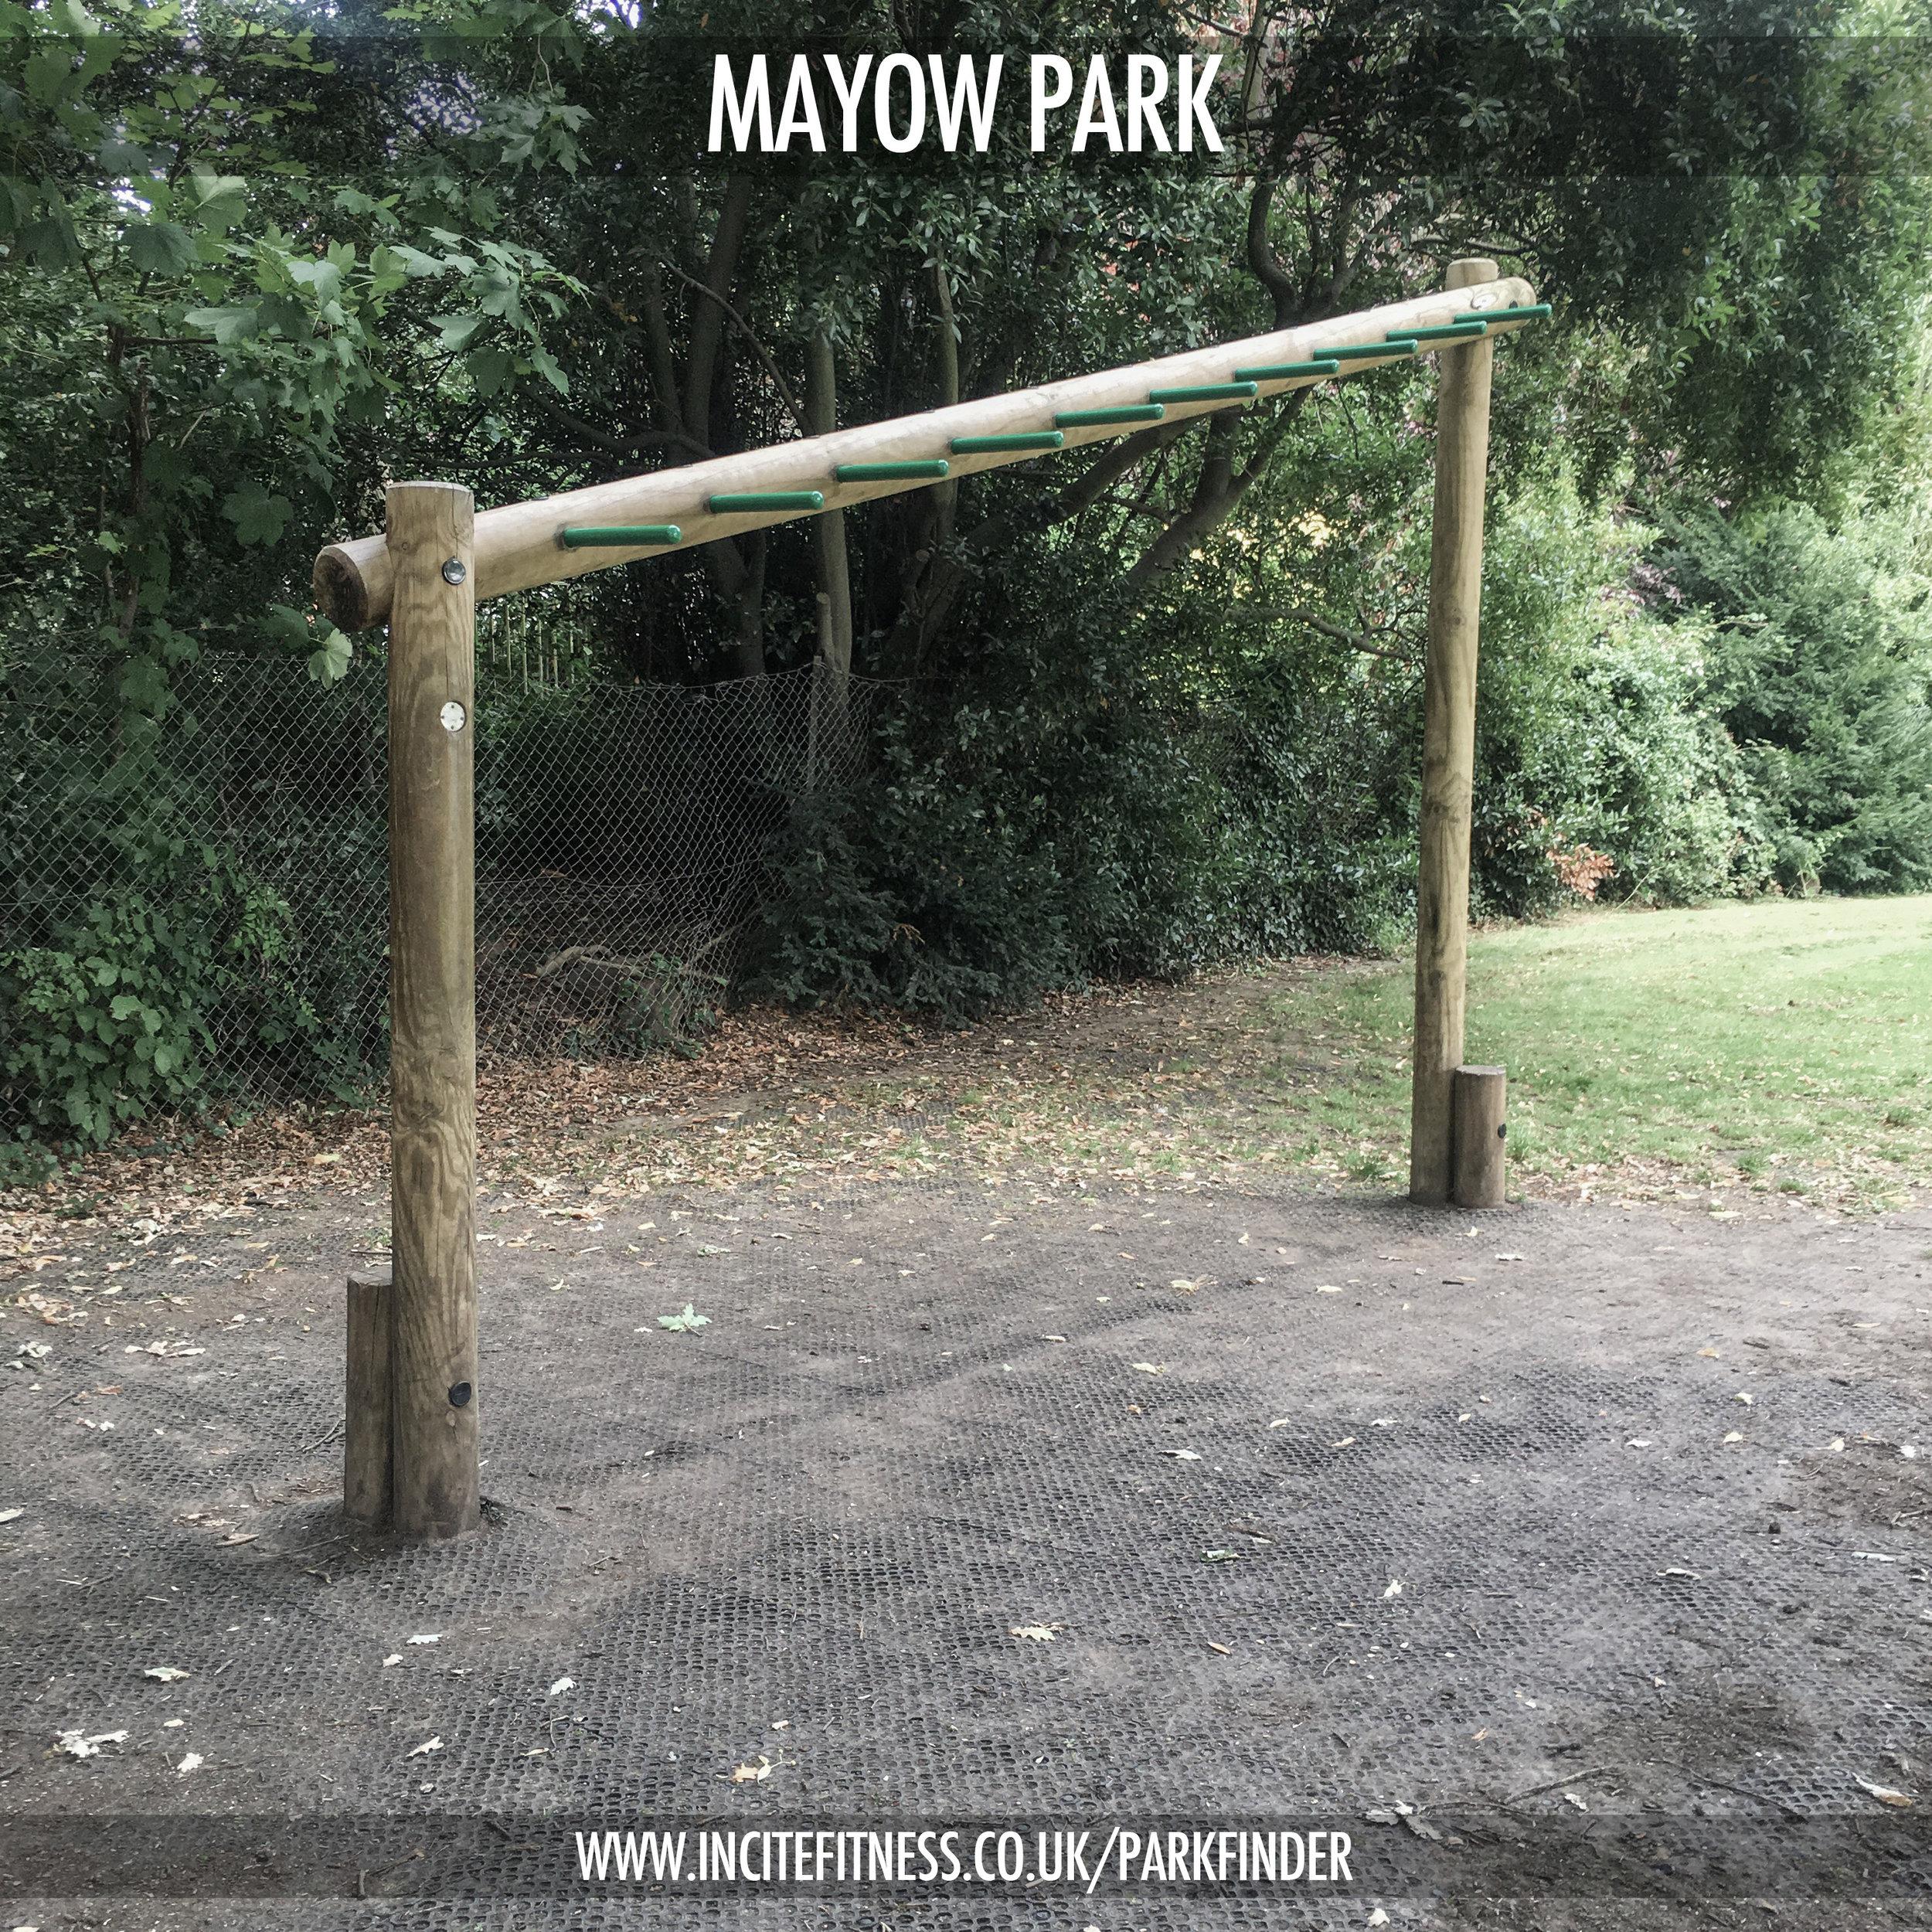 Mayow park 03 monkey bars.jpg